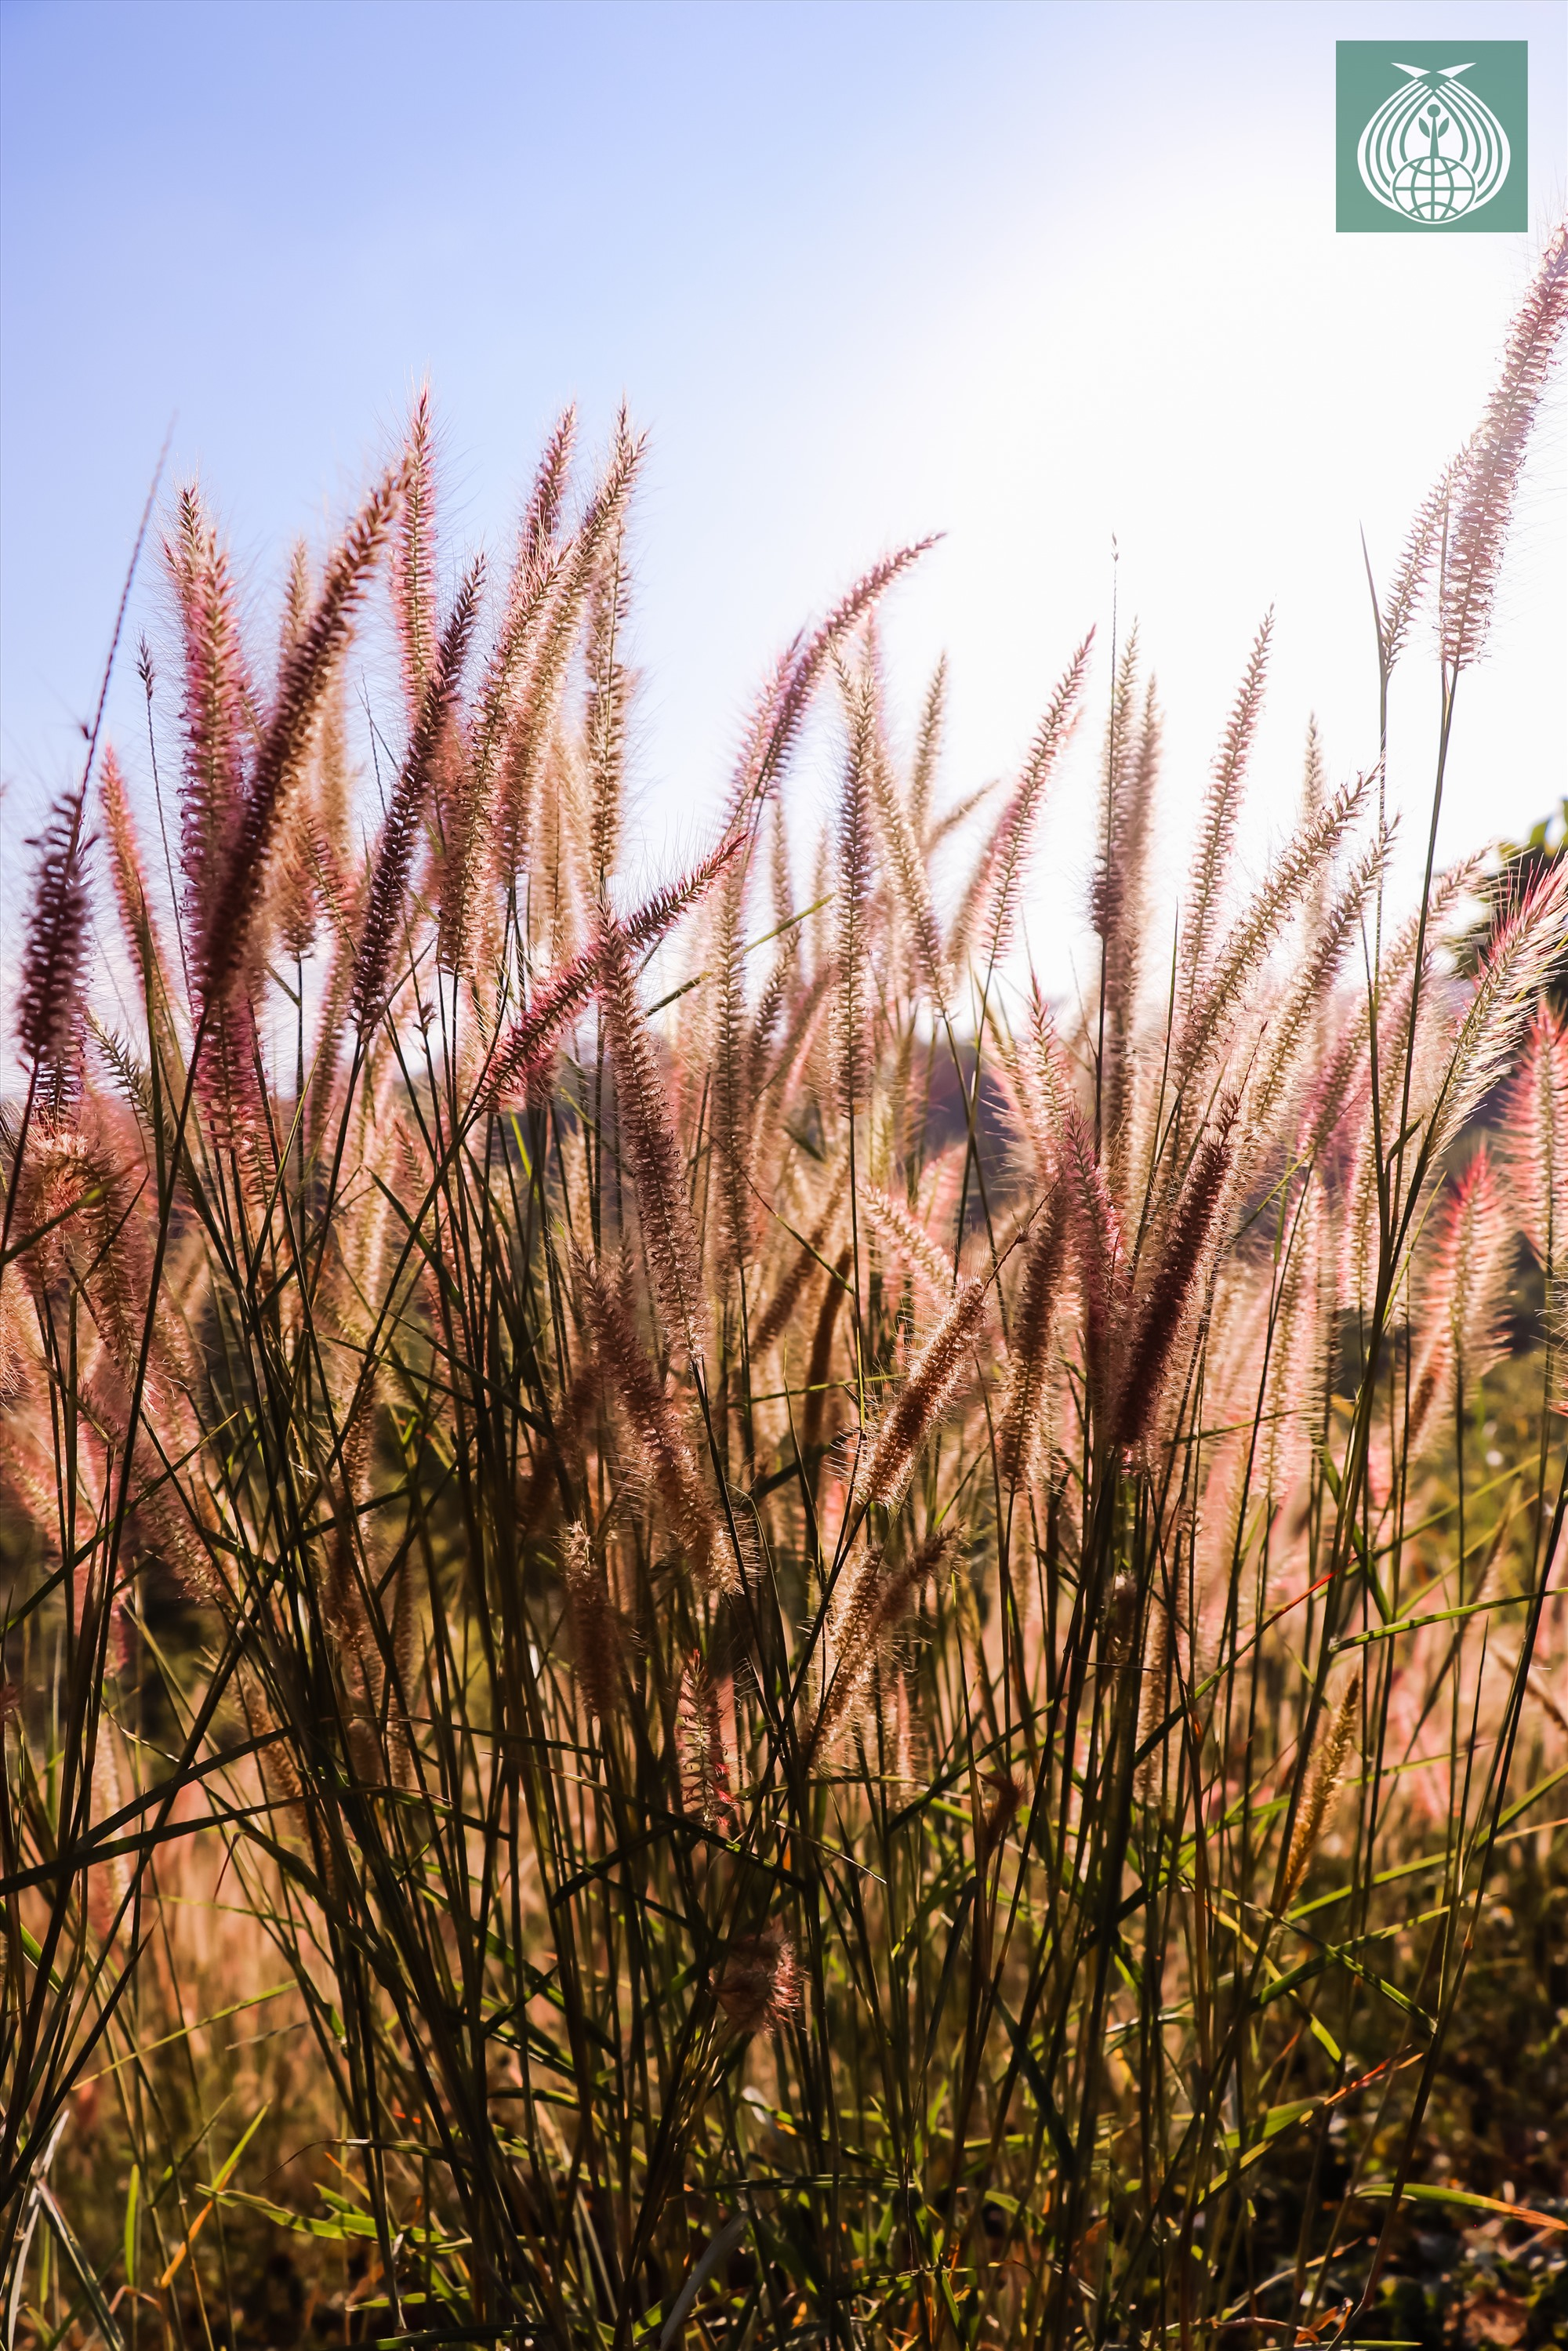 Cỏ lau hồng là một loại cỏ dại, chủ yếu mọc trên các ngọn đồi, vách đá, hoặc lác đác trên các cung đường quanh co, uốn lượn, dưới chân suối, bên bìa rừng...